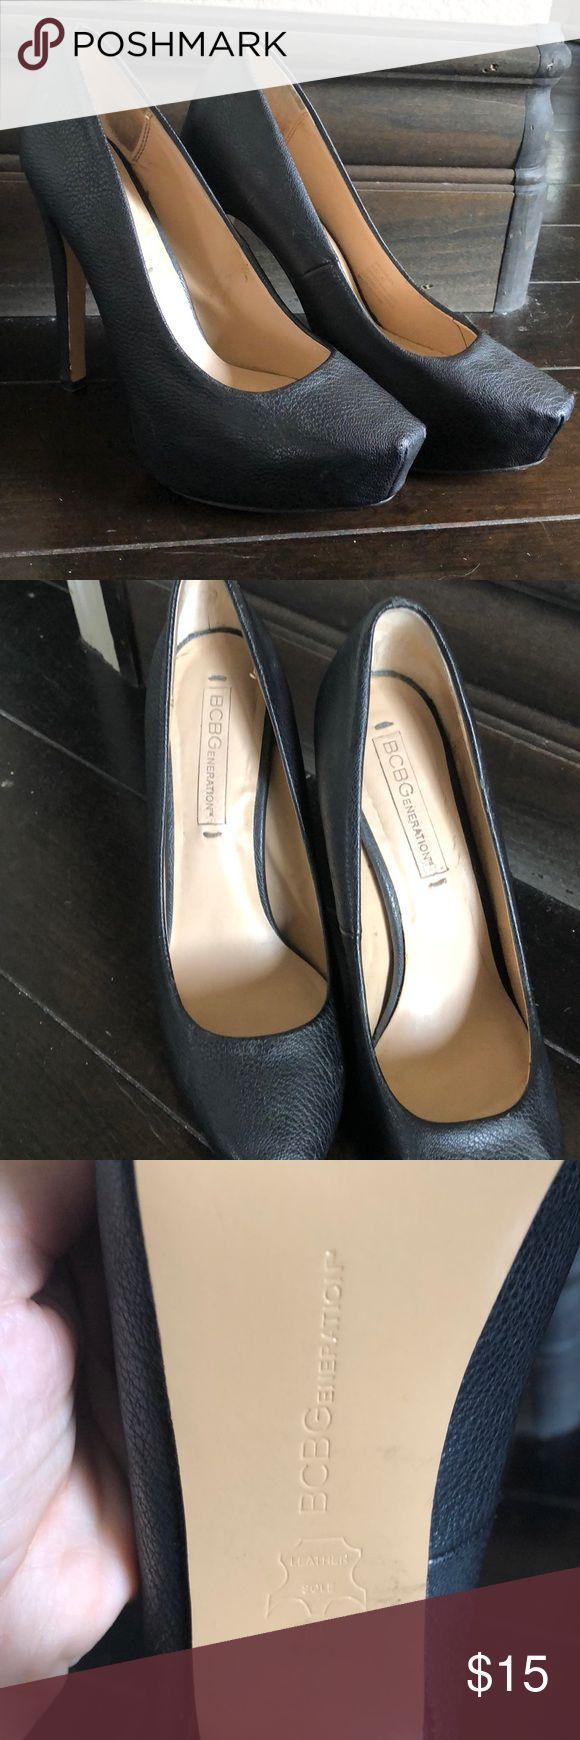 BCBGeneration Black platform pumps in 6.5/36.5 BCBGeneration Black platform pumps in 6.5/36.5. Cute toe shape. Very comfortable. BCBGeneration Shoes Platforms